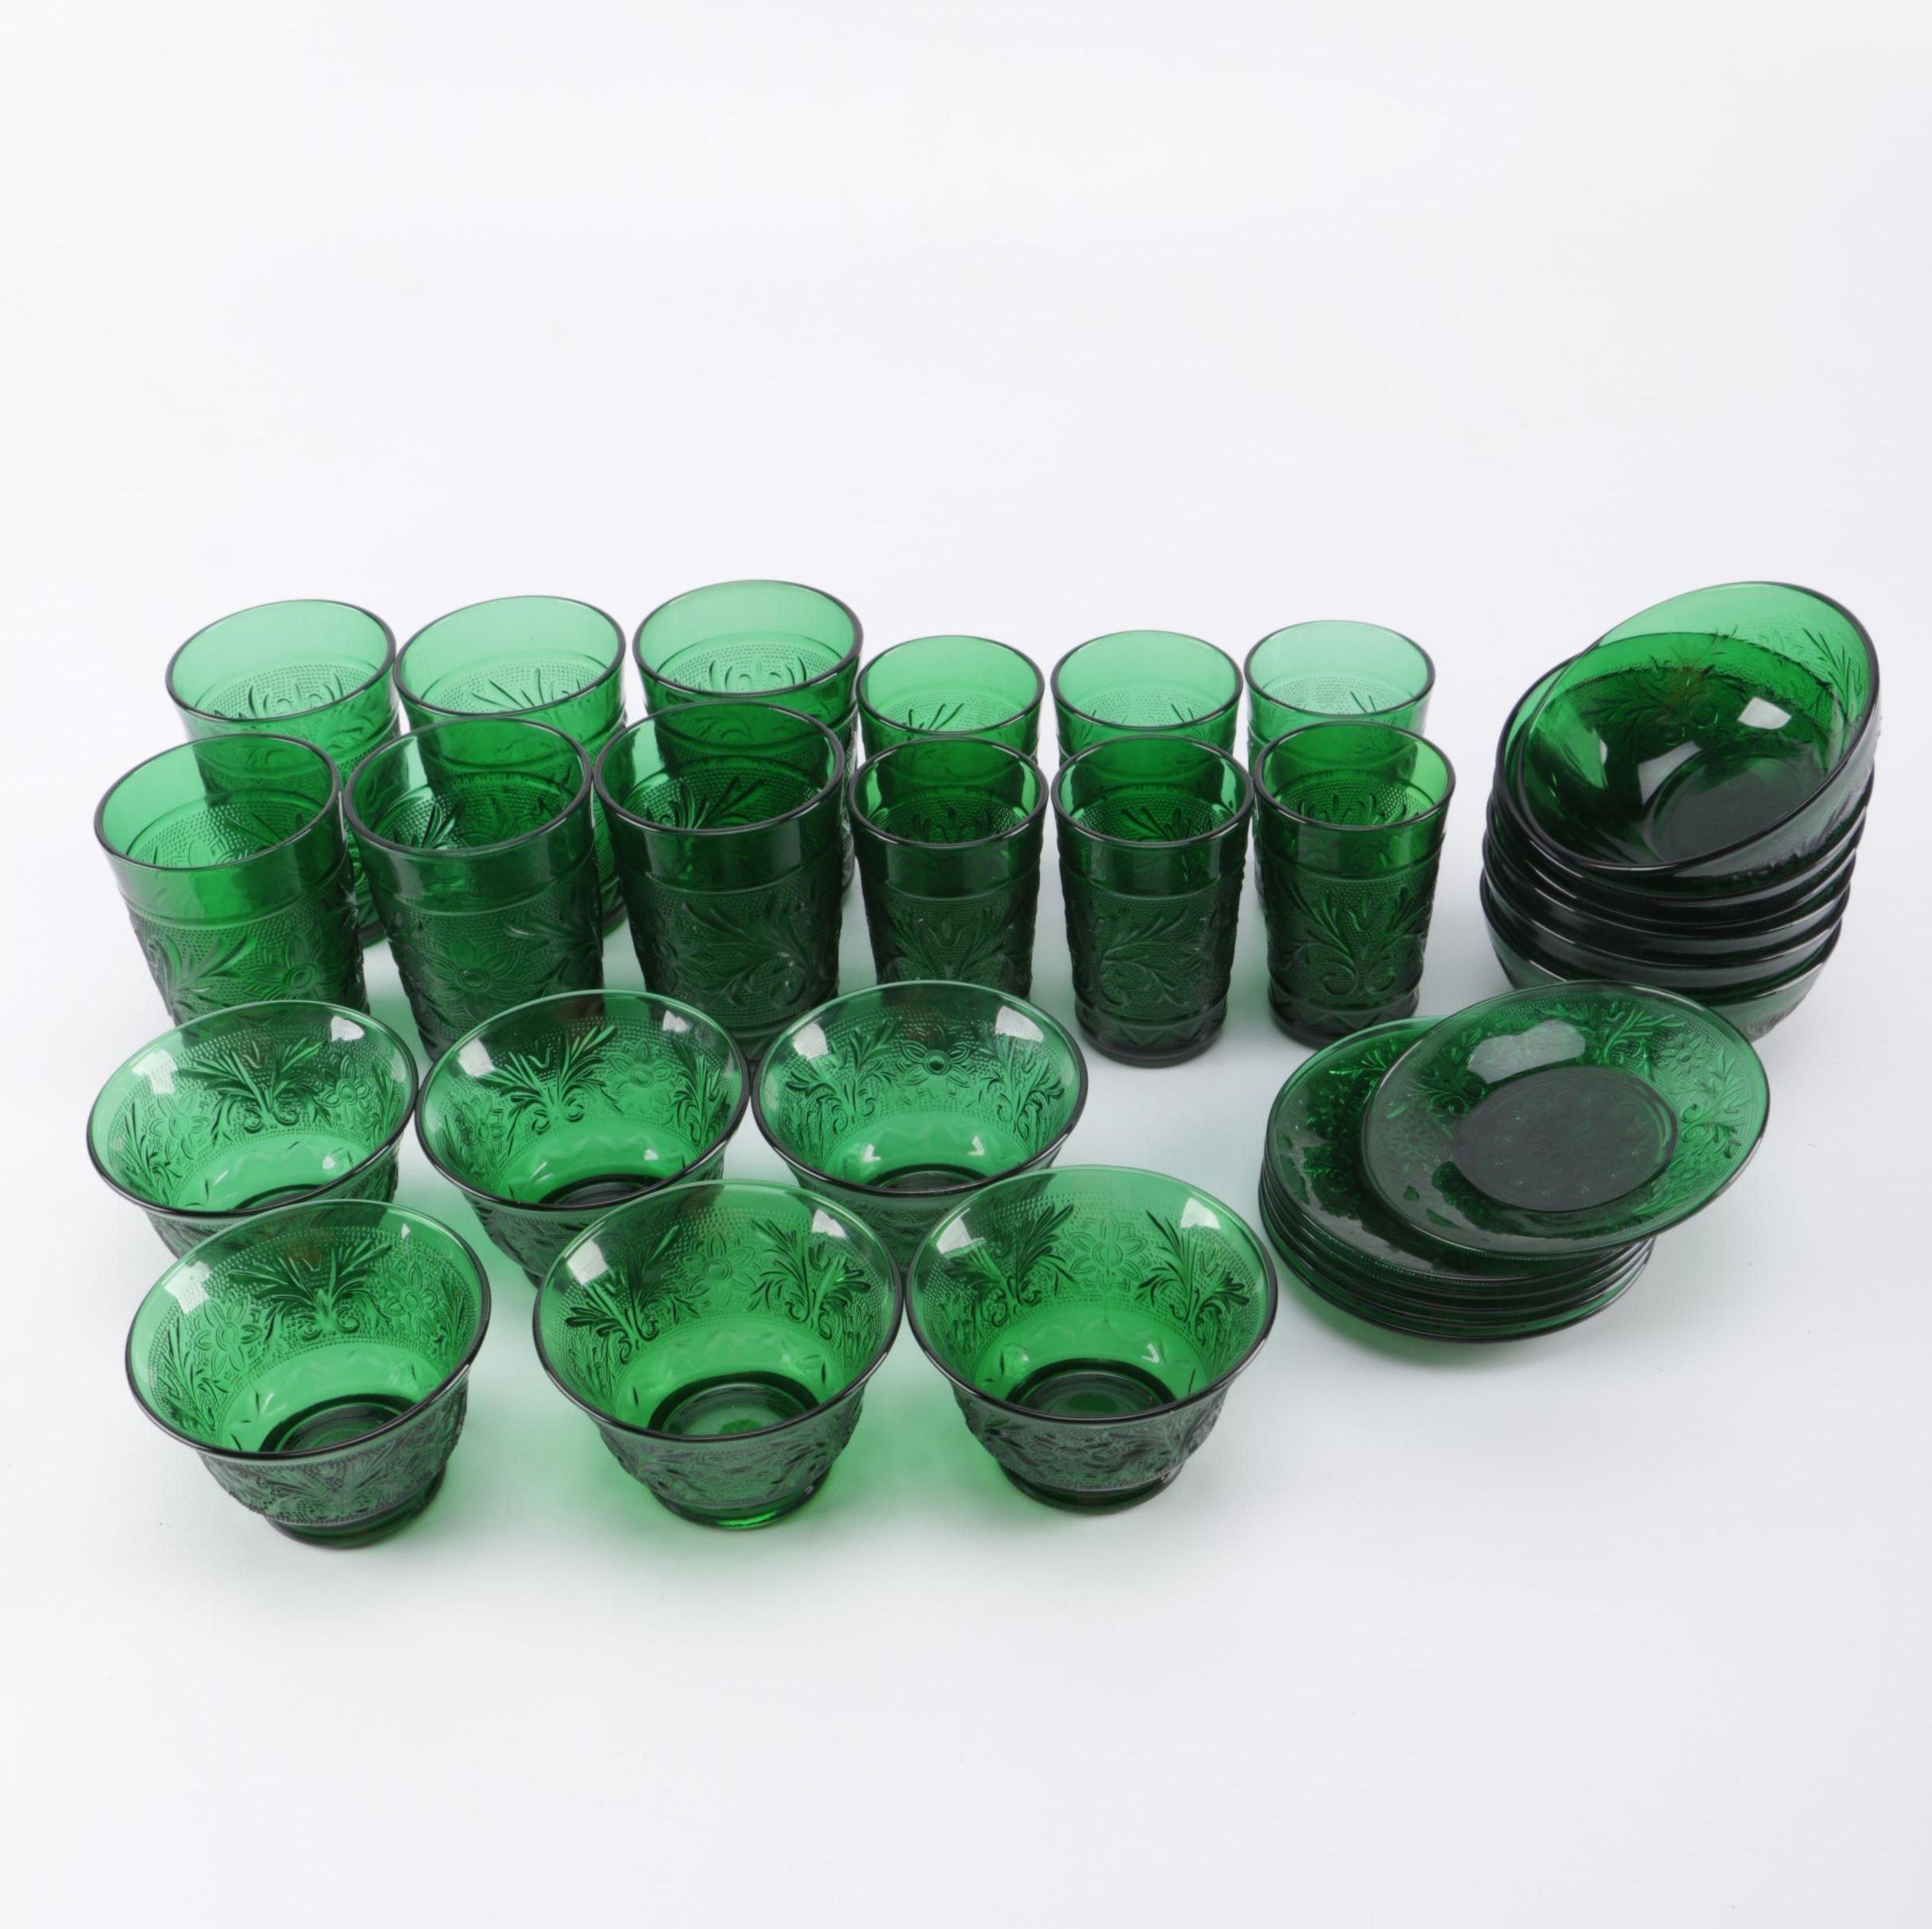 Green Pressed Depression Glassware